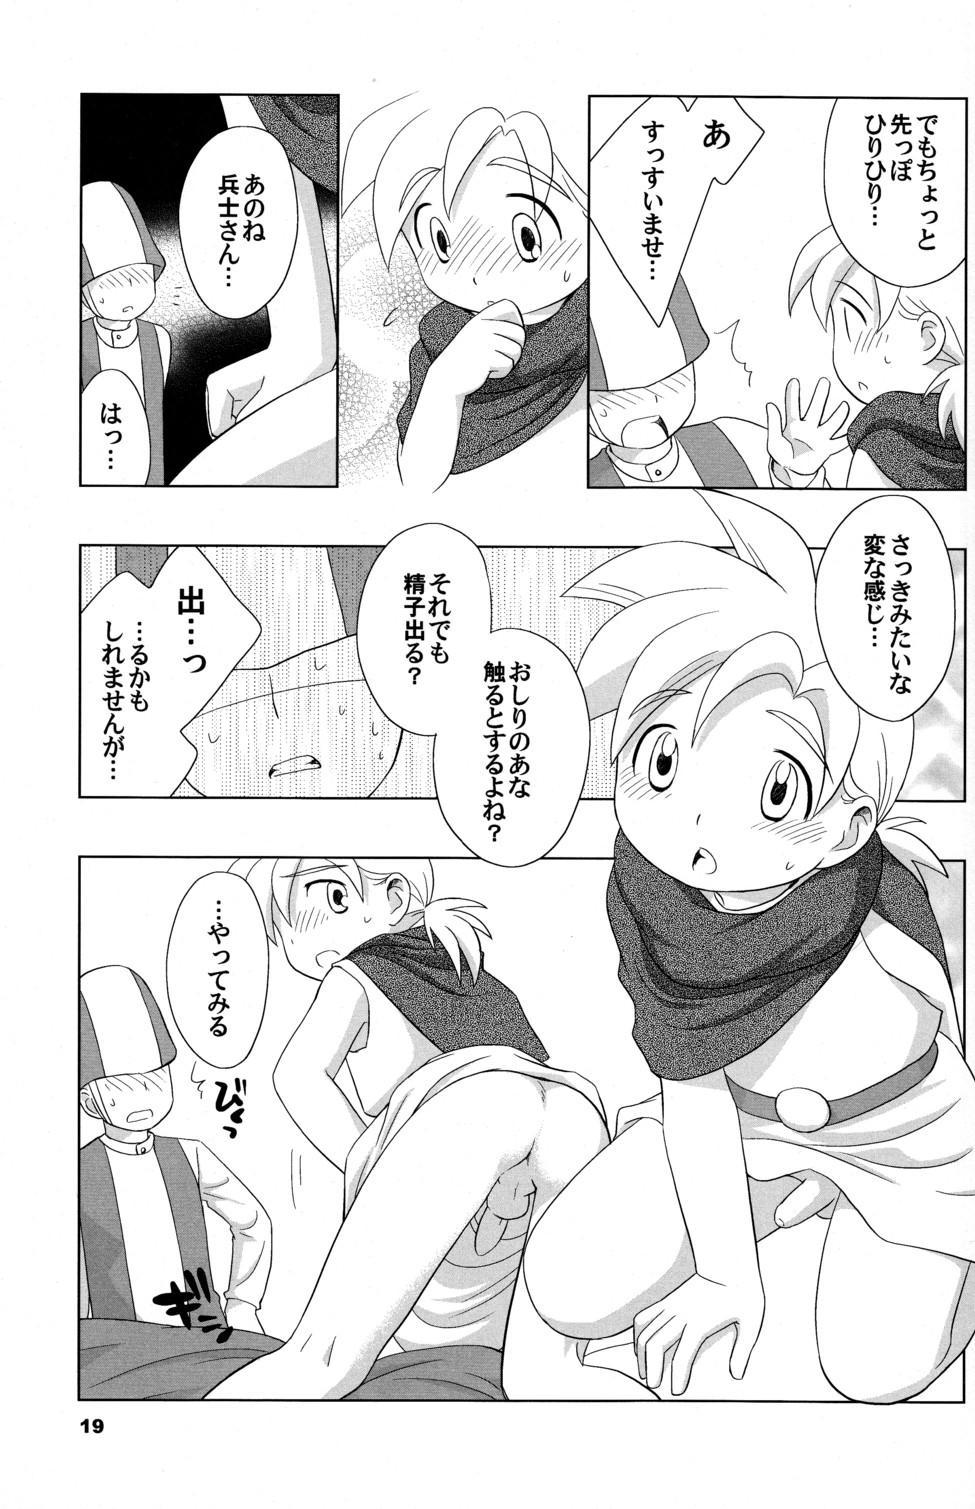 Hoshifuru Seisui 18